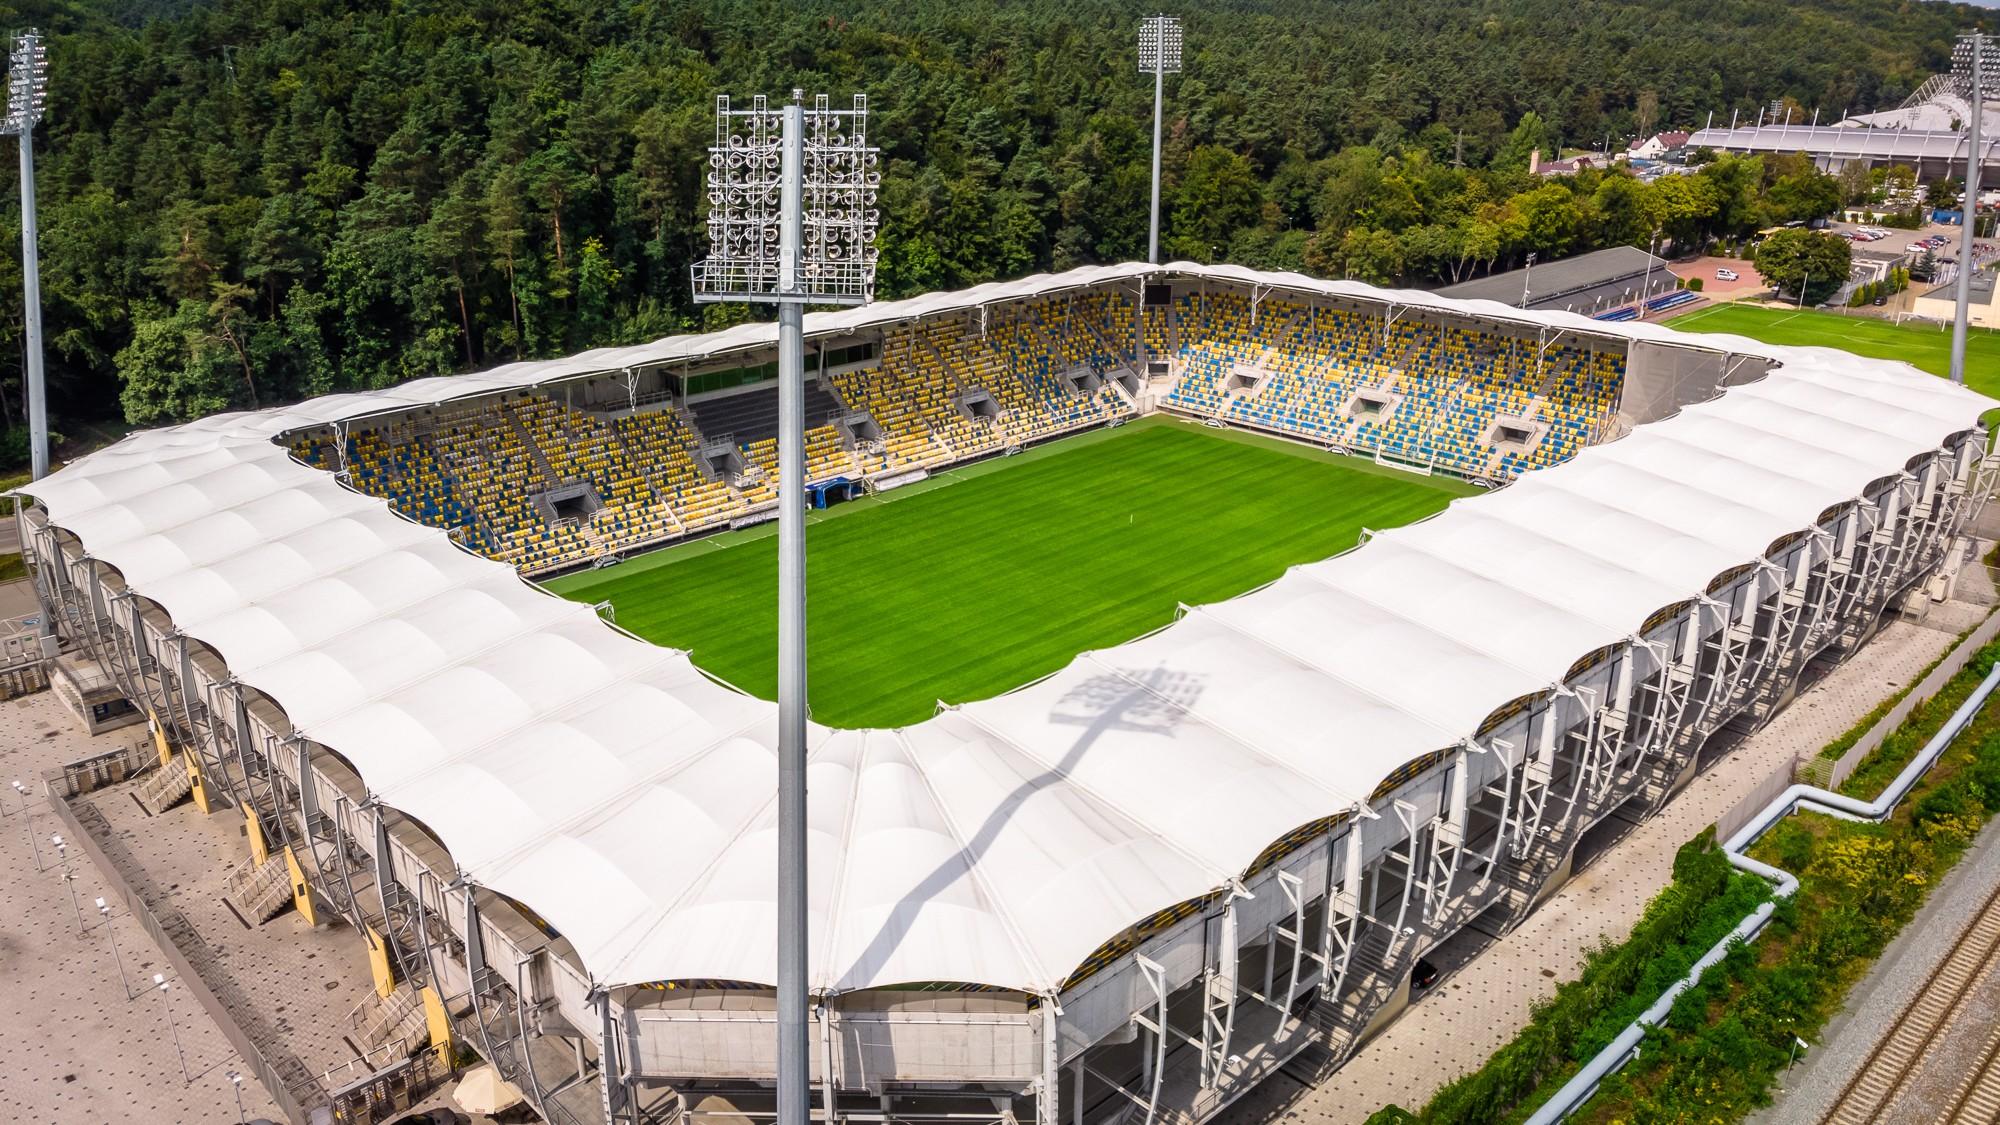 stadion gosir w gdyni29 - ŁKS on Tour! Zapisz się na wyjazd do Gdyni